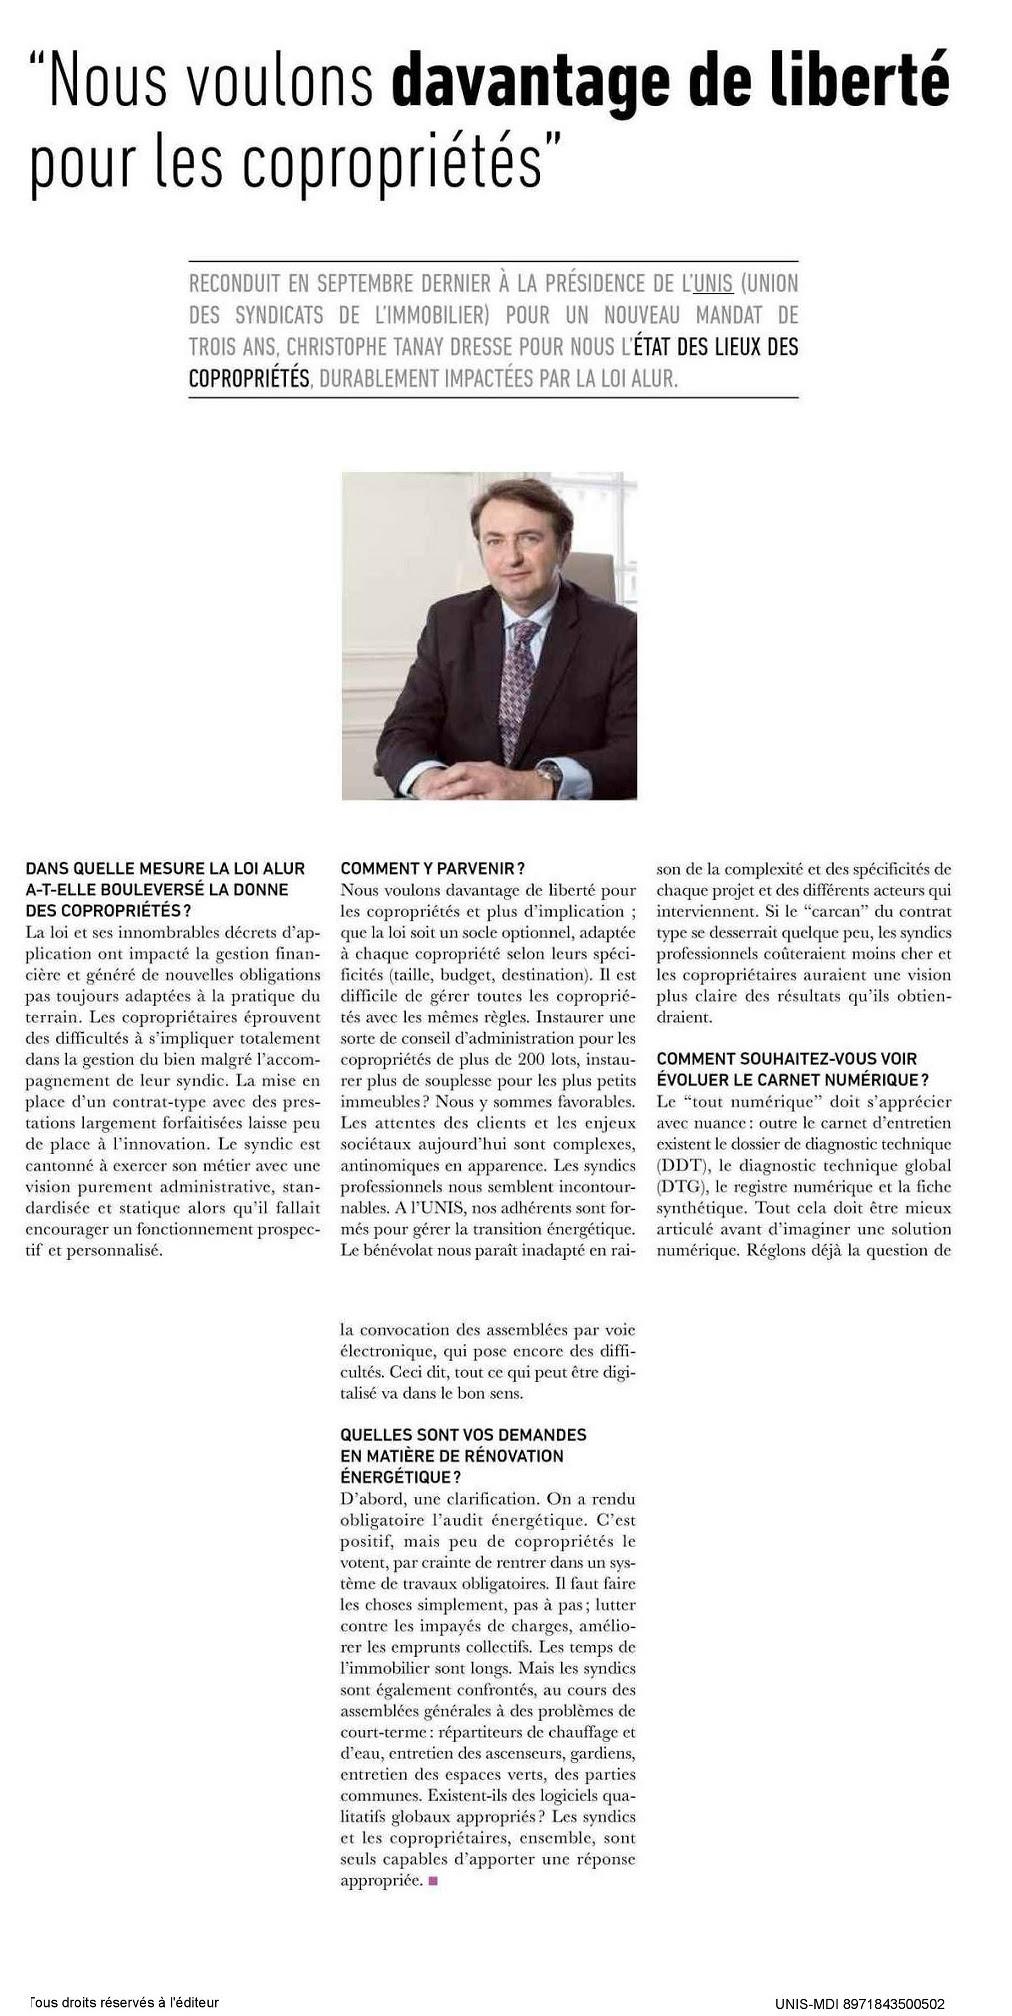 Interview de Christophe Tanay dans Libération